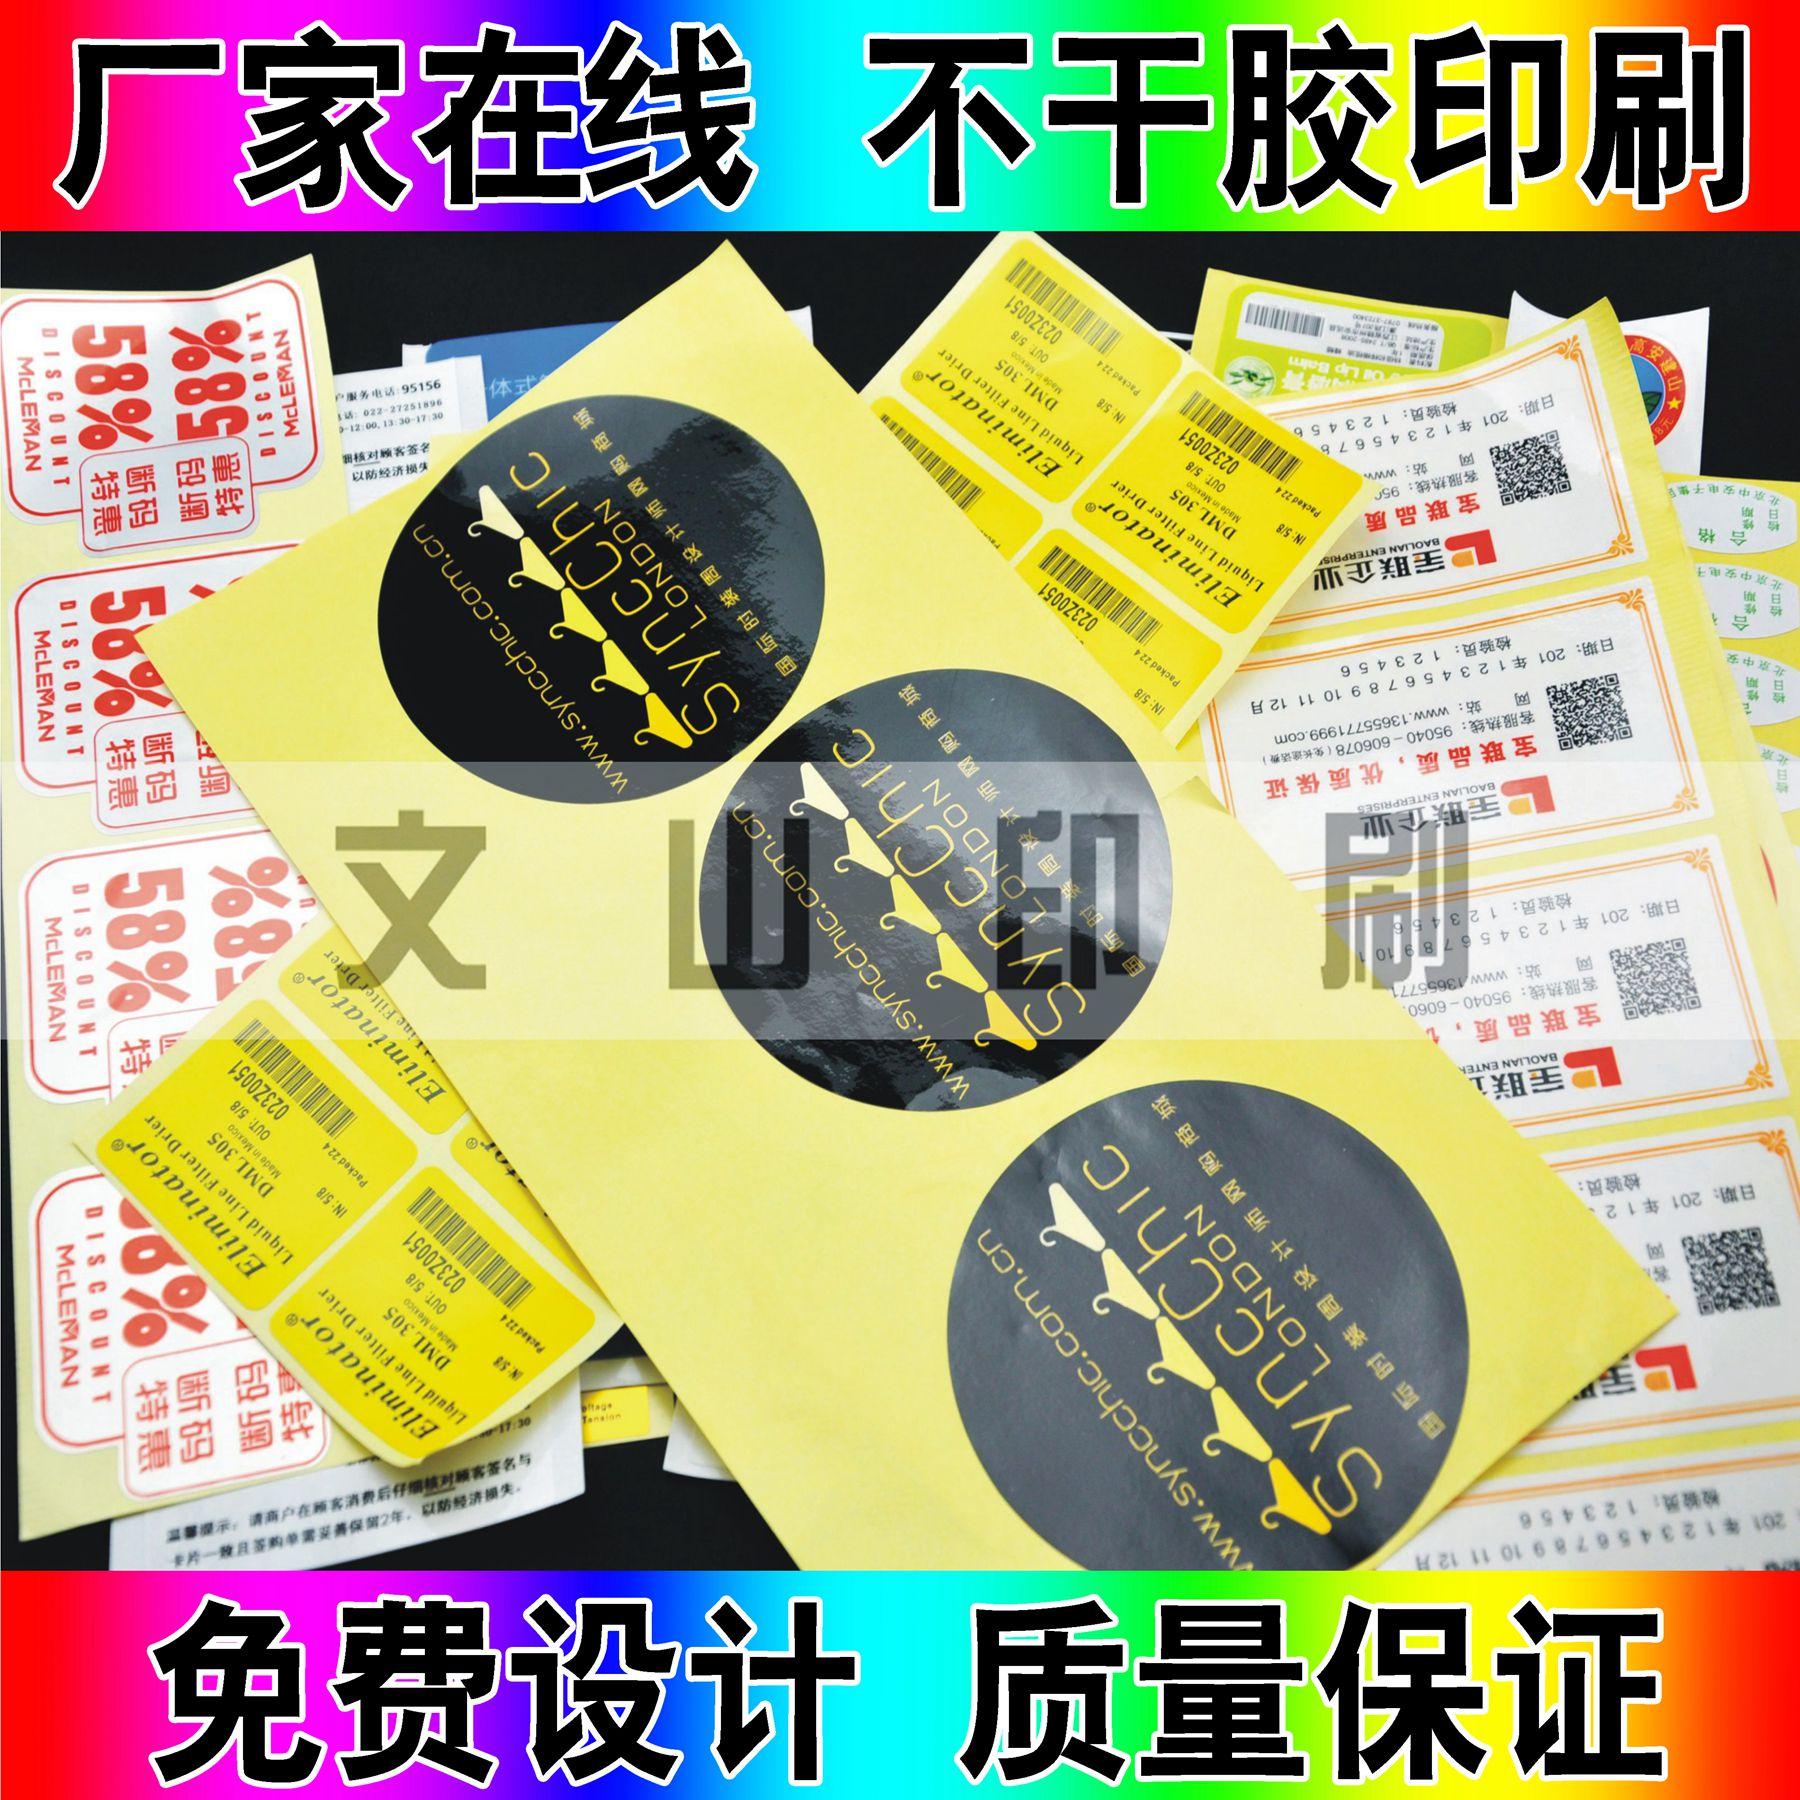 不干胶 彩色不干胶标签印刷 PVC/铜板不干胶贴纸订做 不干胶定做